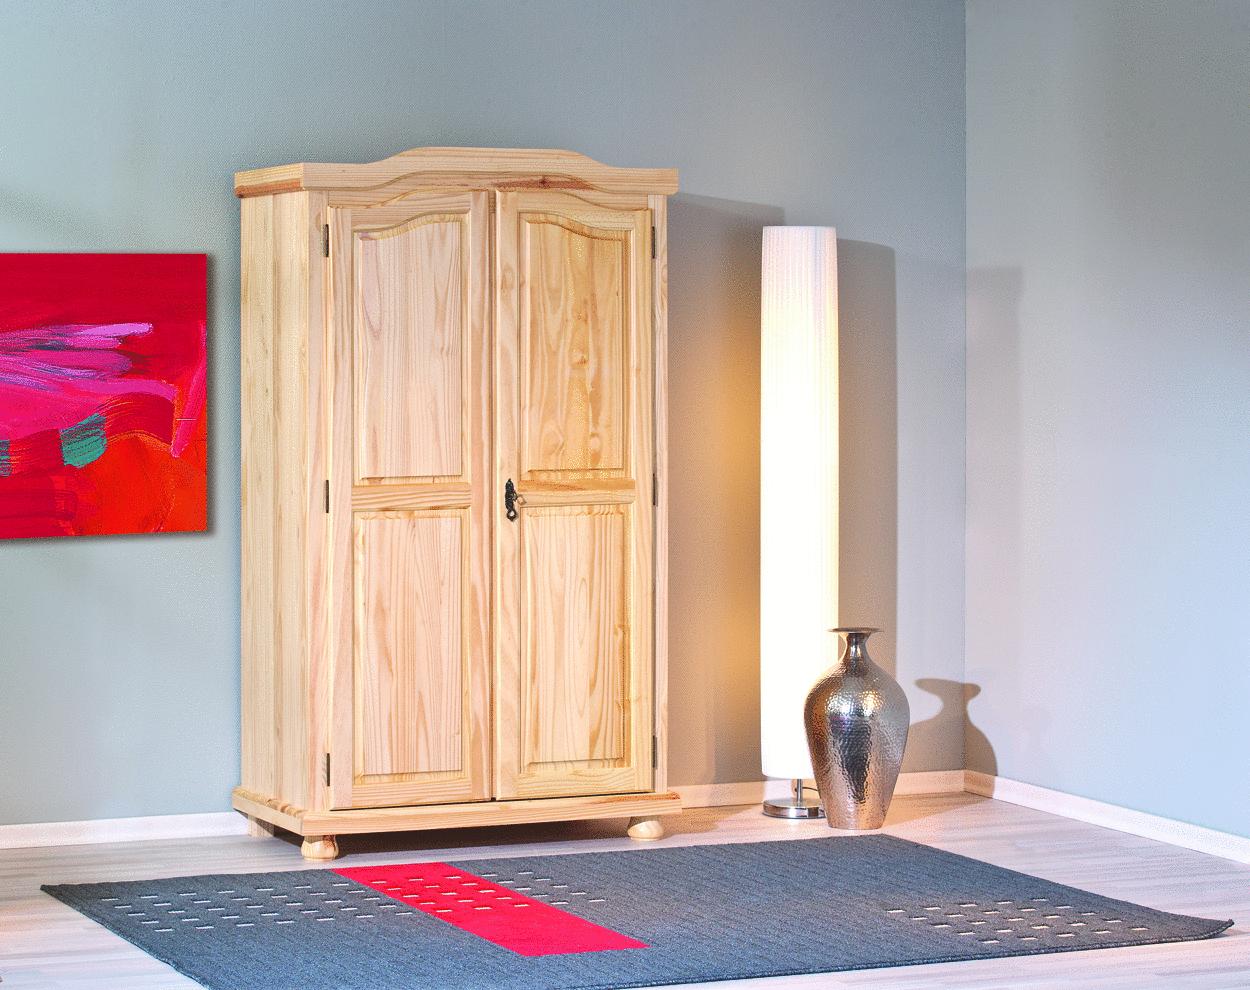 Armadio in legno massello Gisco, naturale o bianco,guardaroba, mobile ...